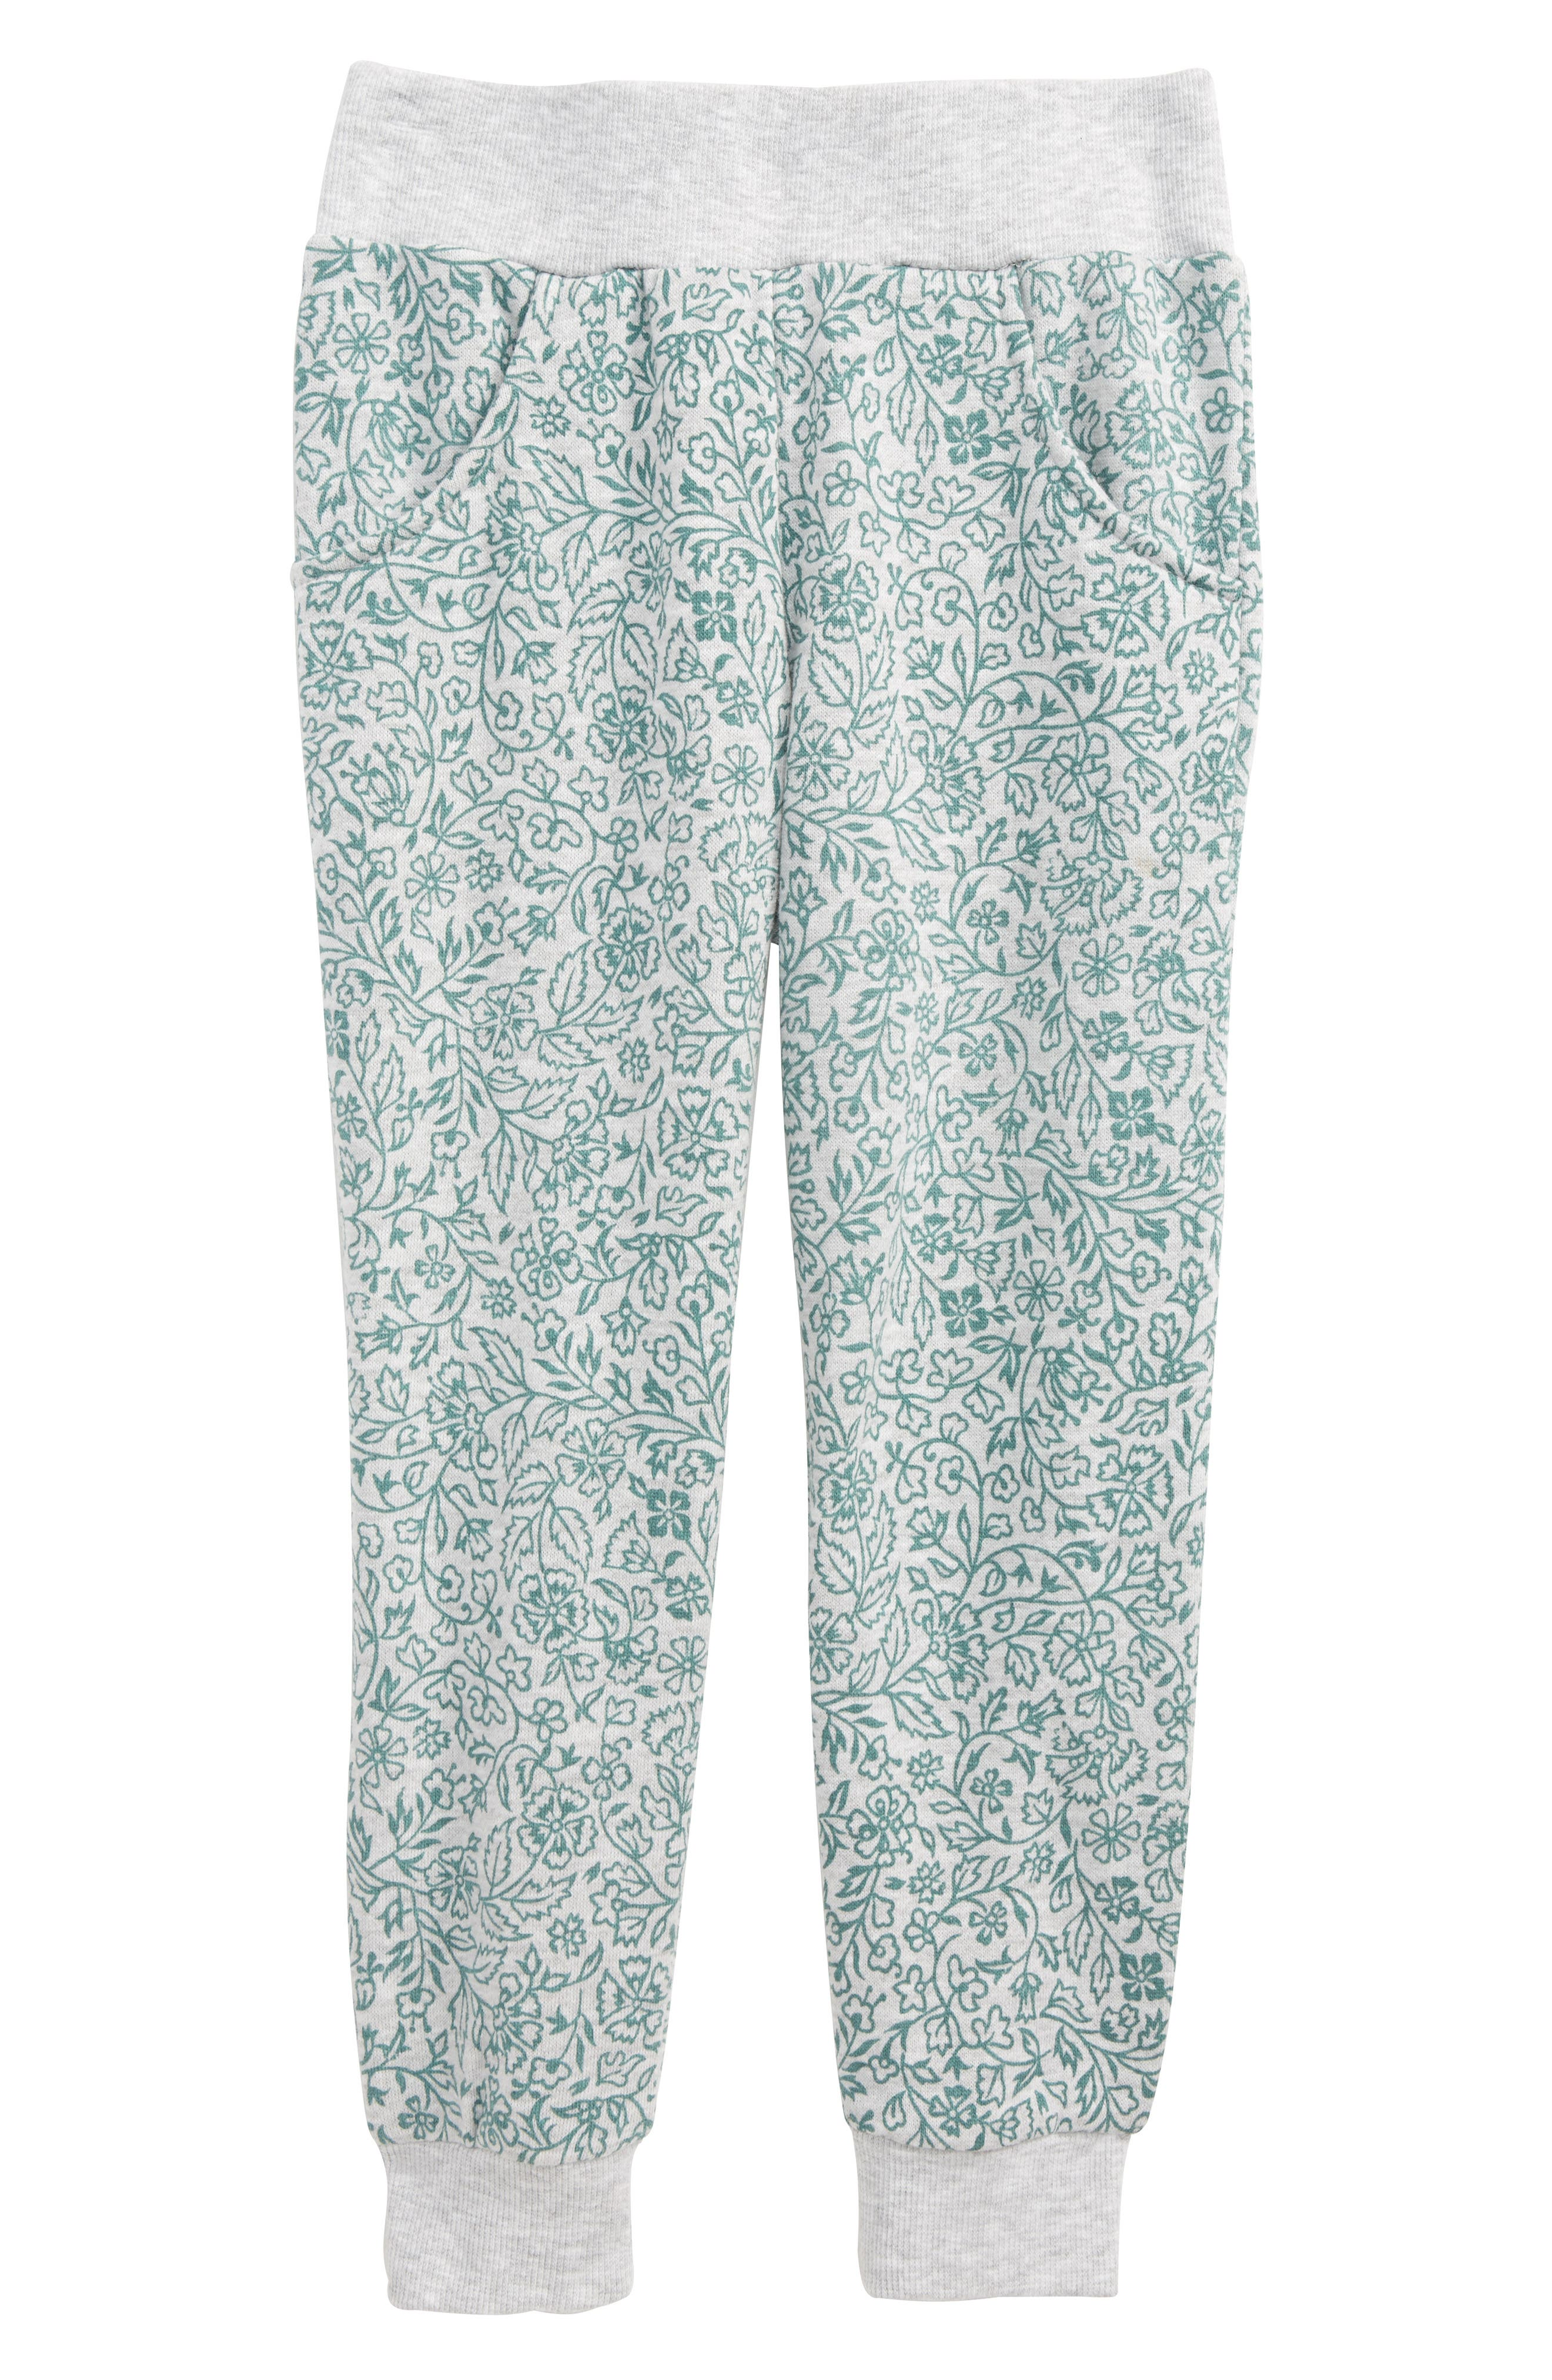 O'Neill Arrowhead Fleece Jogger Pants (Toddler Girls & Little Girls)